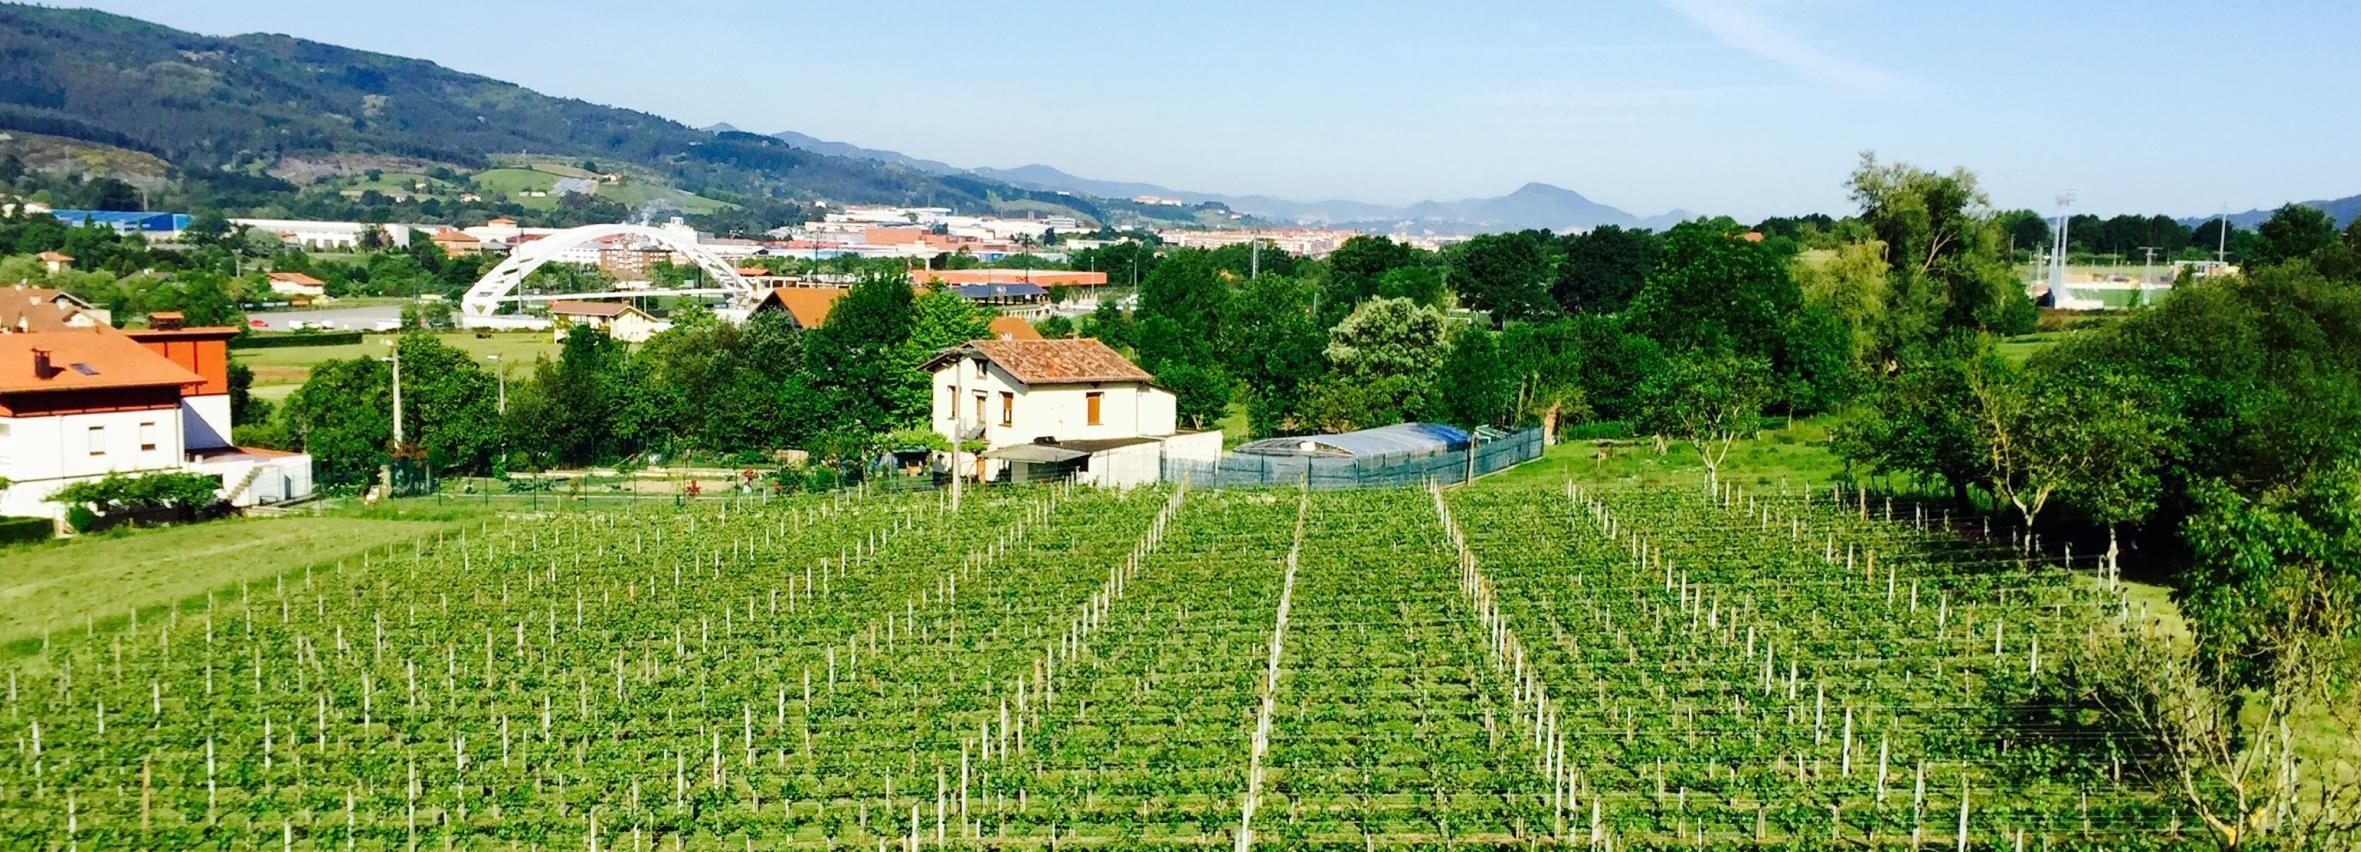 Bilbao: tour guiado de degustación de vinos en Txacoli y almuerzo vasco